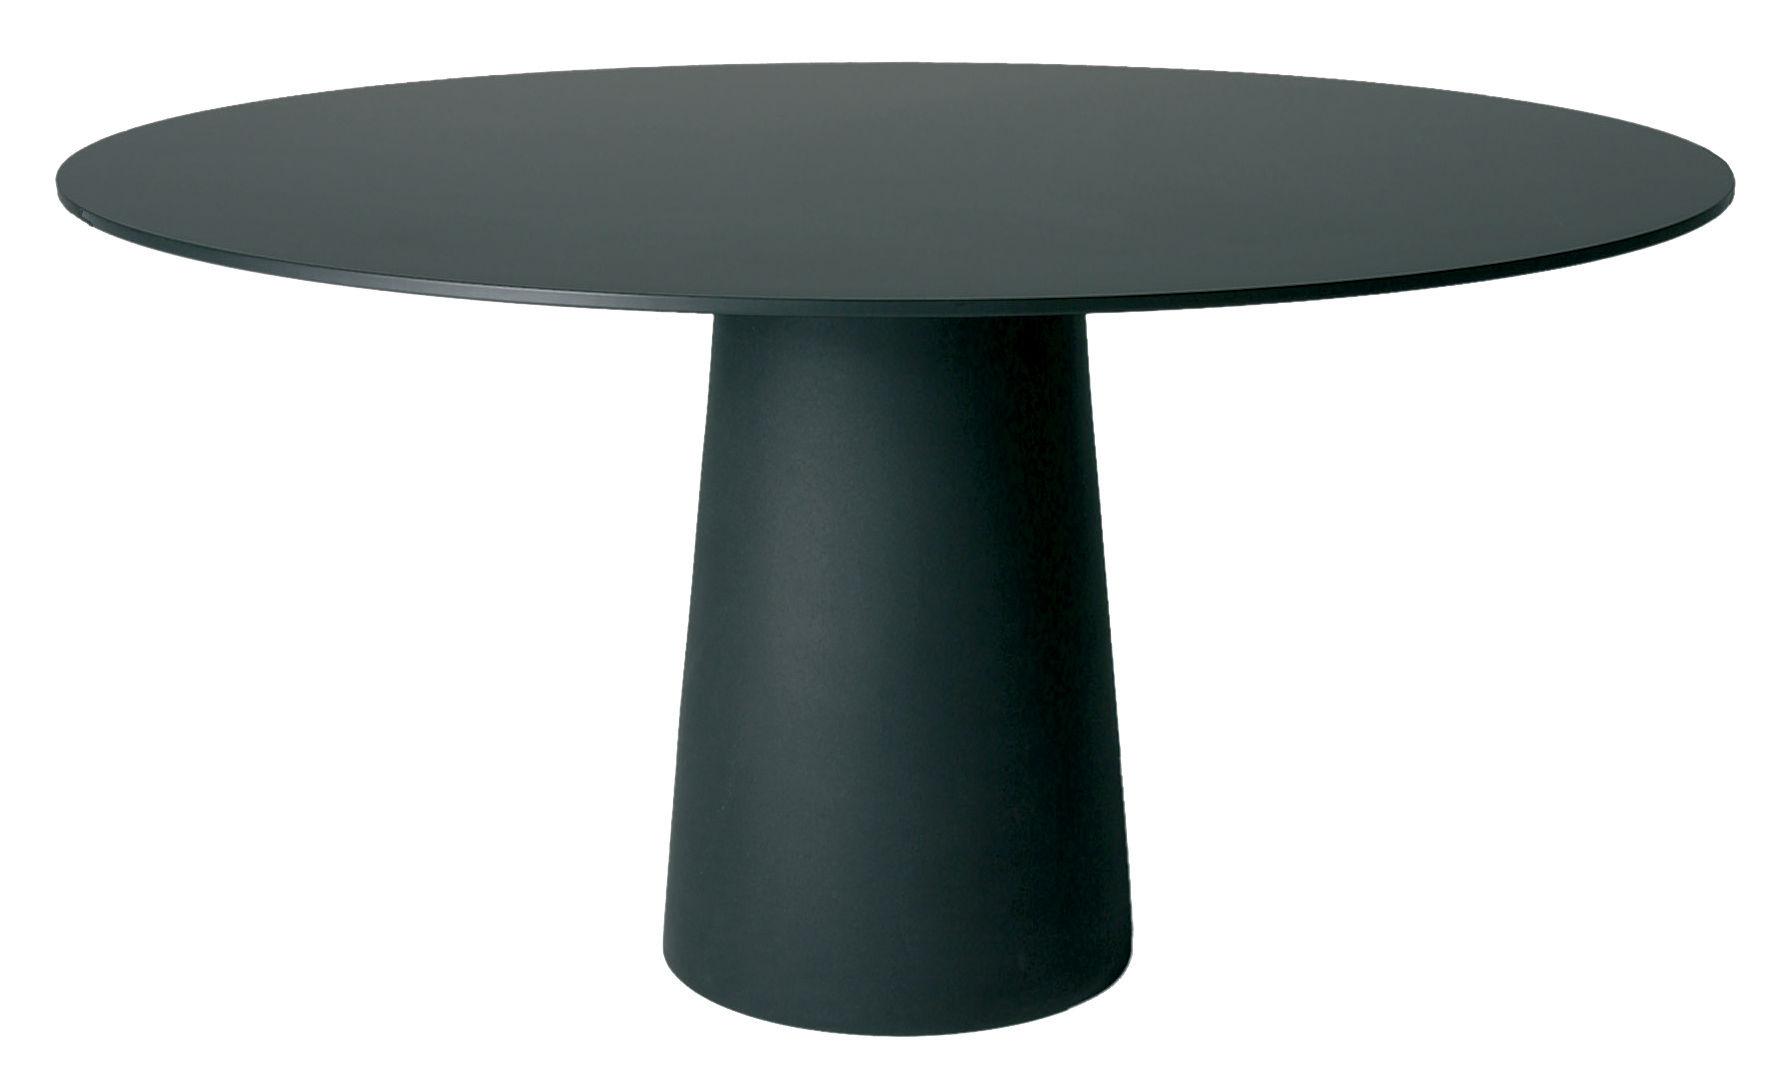 Outdoor - Tables de jardin - Accessoire table / Plateau Container Ø 160 cm - Moooi - Plateau noir - Ø 160 cm - HPL